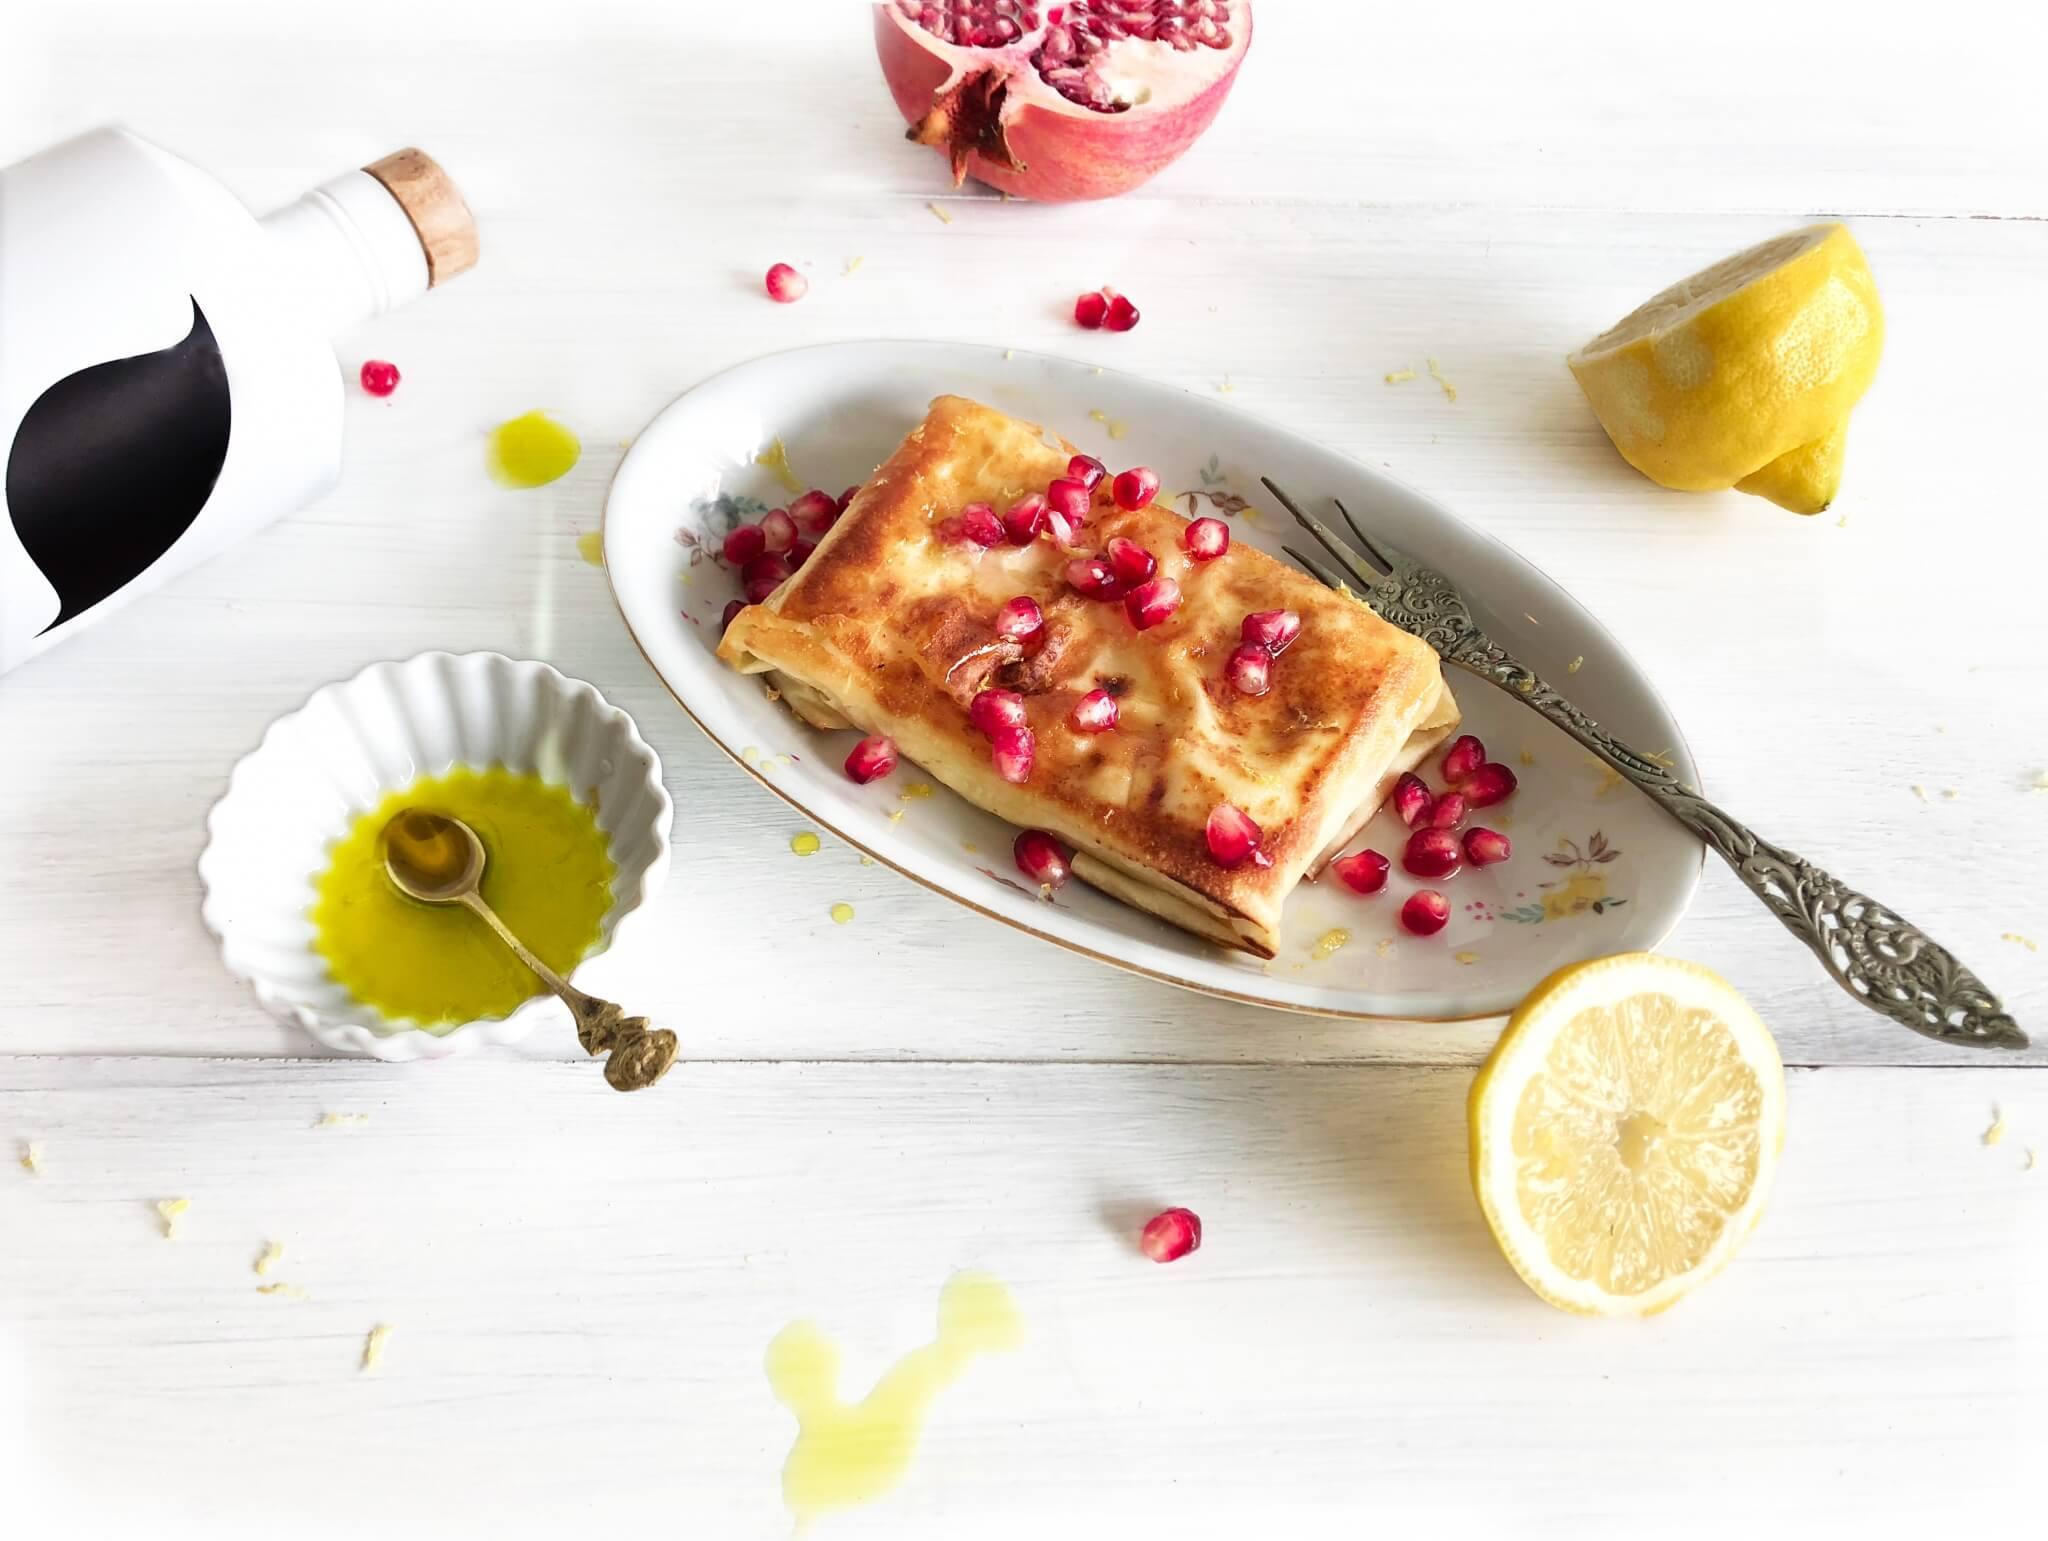 The Lemon Kitchen heeft een Grieks gerecht gemaakt met Neolea olijfolie, gebakken feta en granaatappel